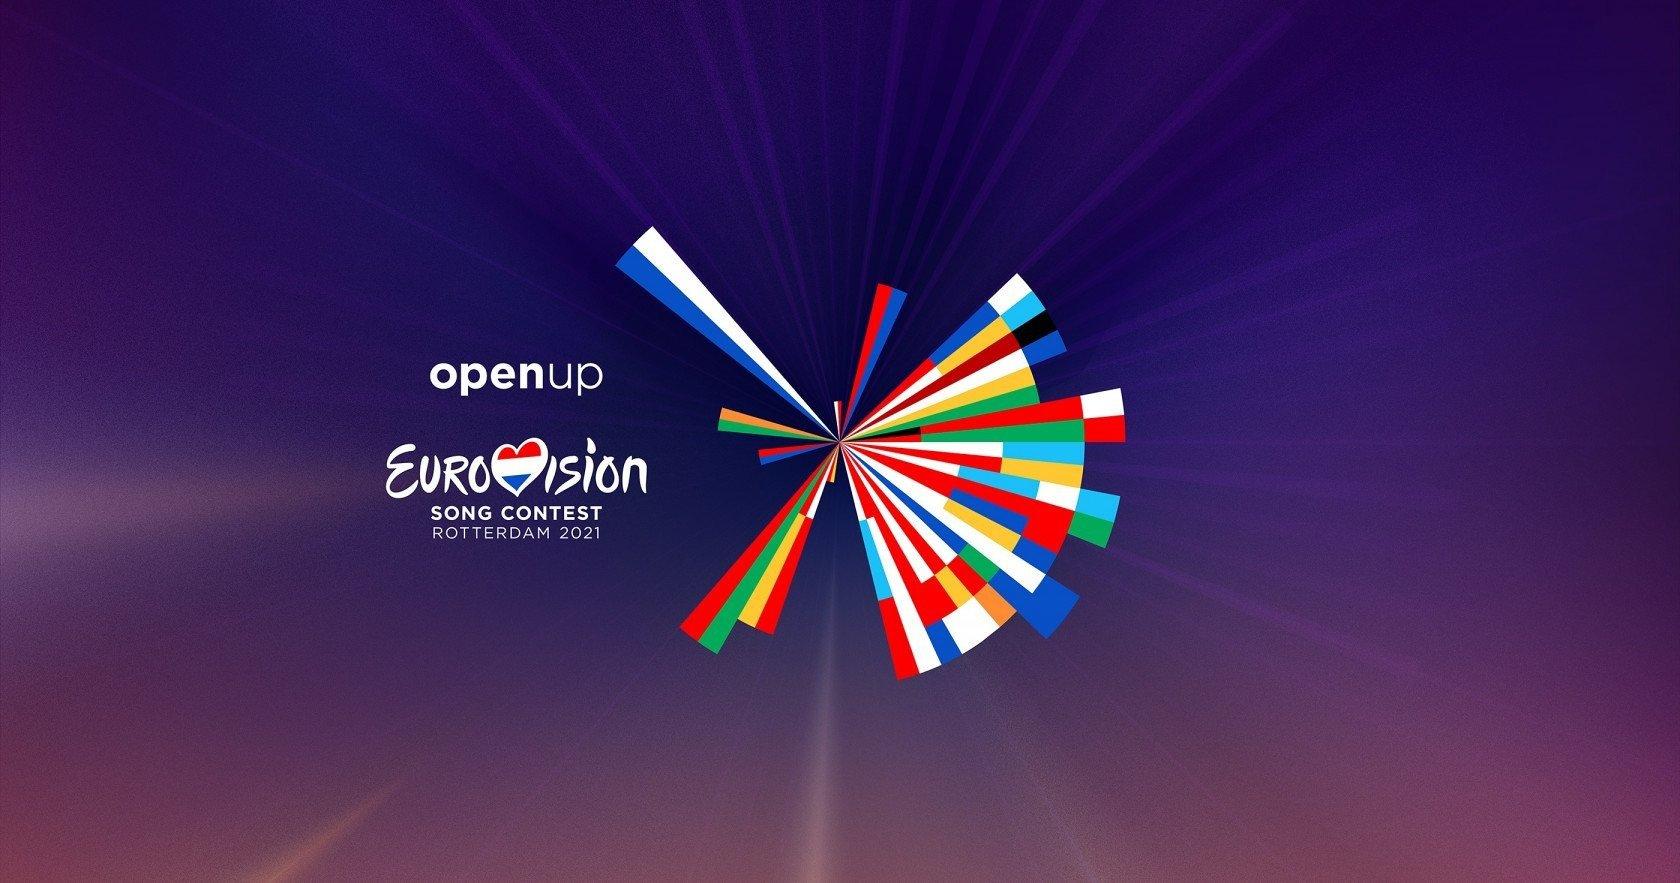 Евровидение - 2021: обновленный логотип конкурса